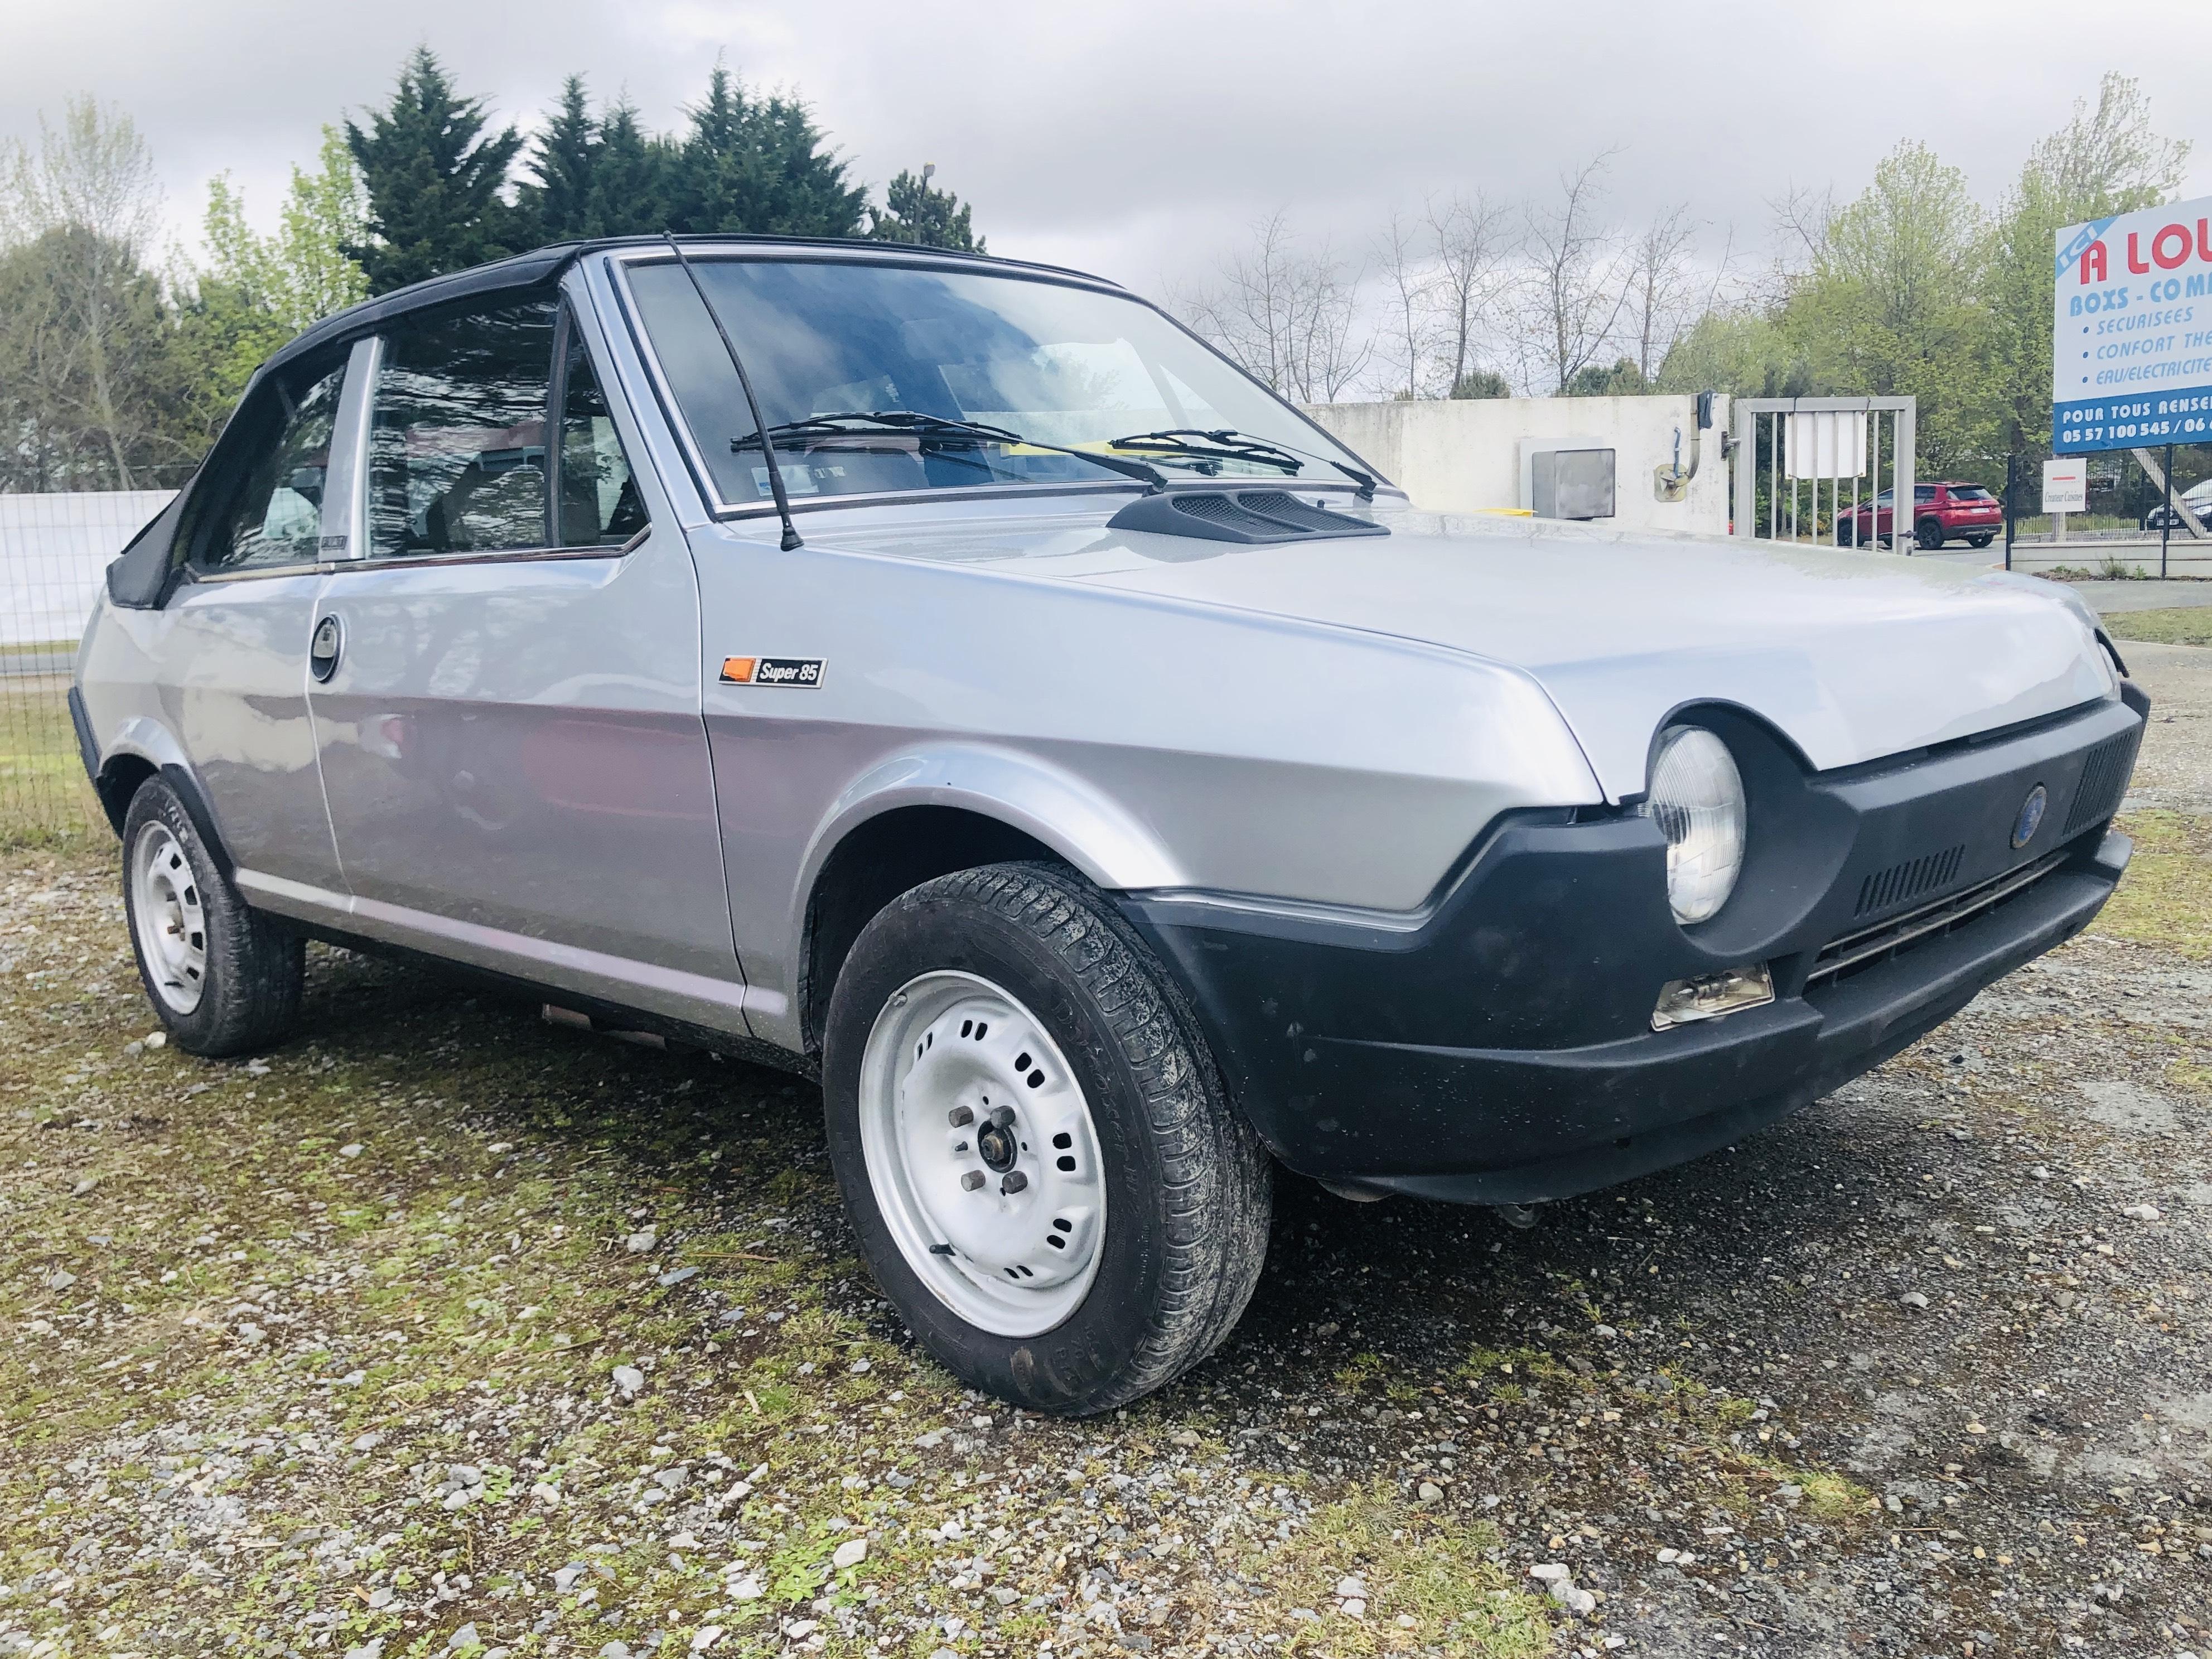 A vendre Fiat ritmo décapotable